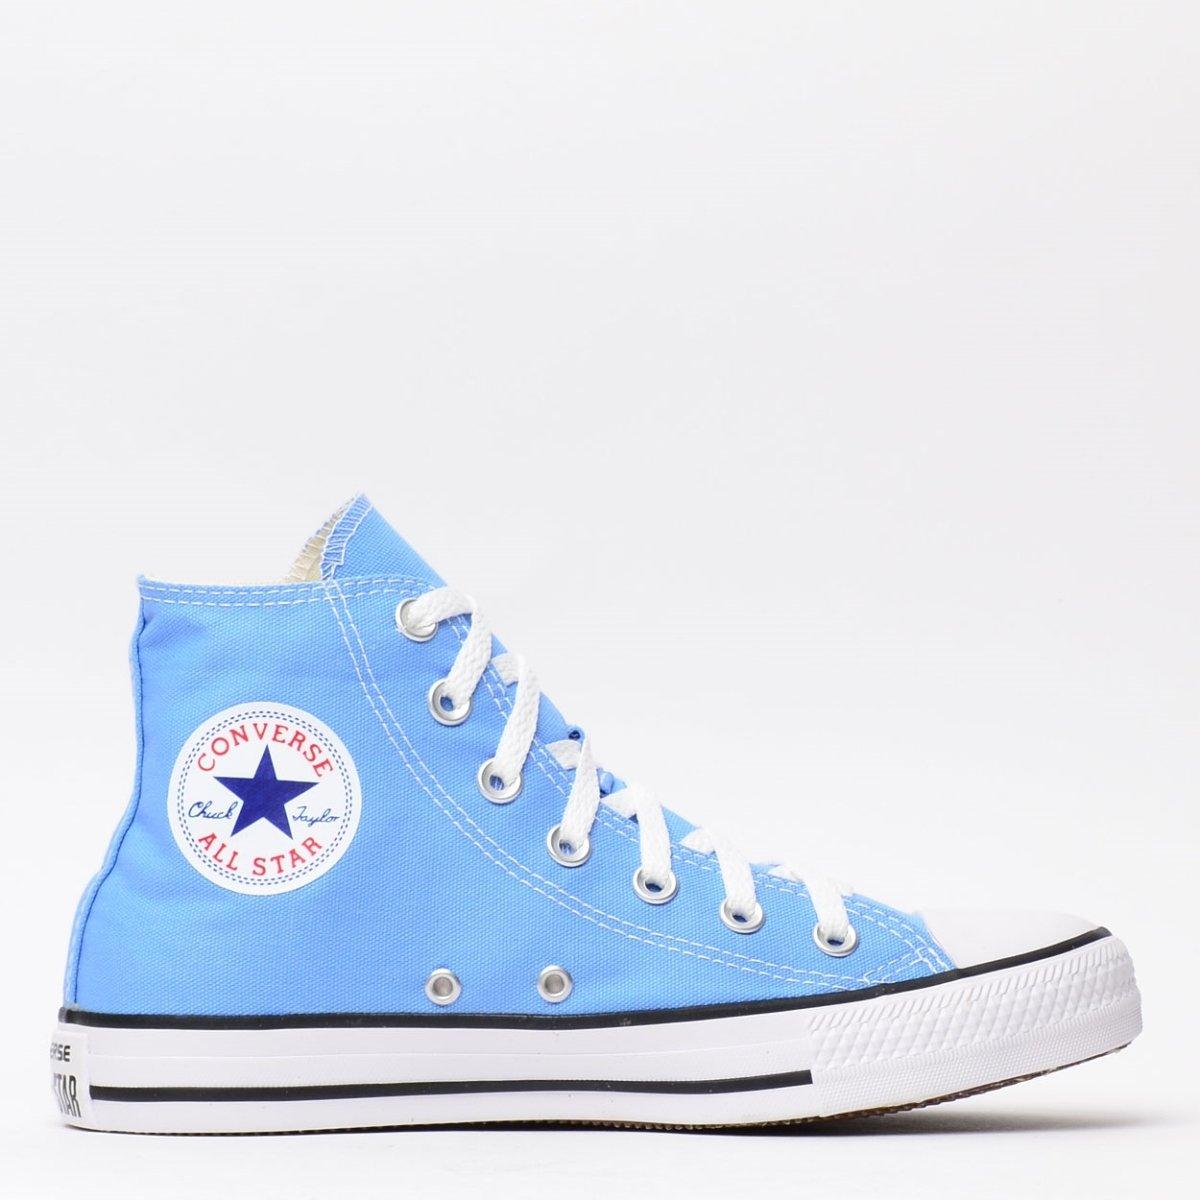 caa441c260f Tênis Converse Chuck Taylor All Star Azul Hortenc - Compre Agora ...